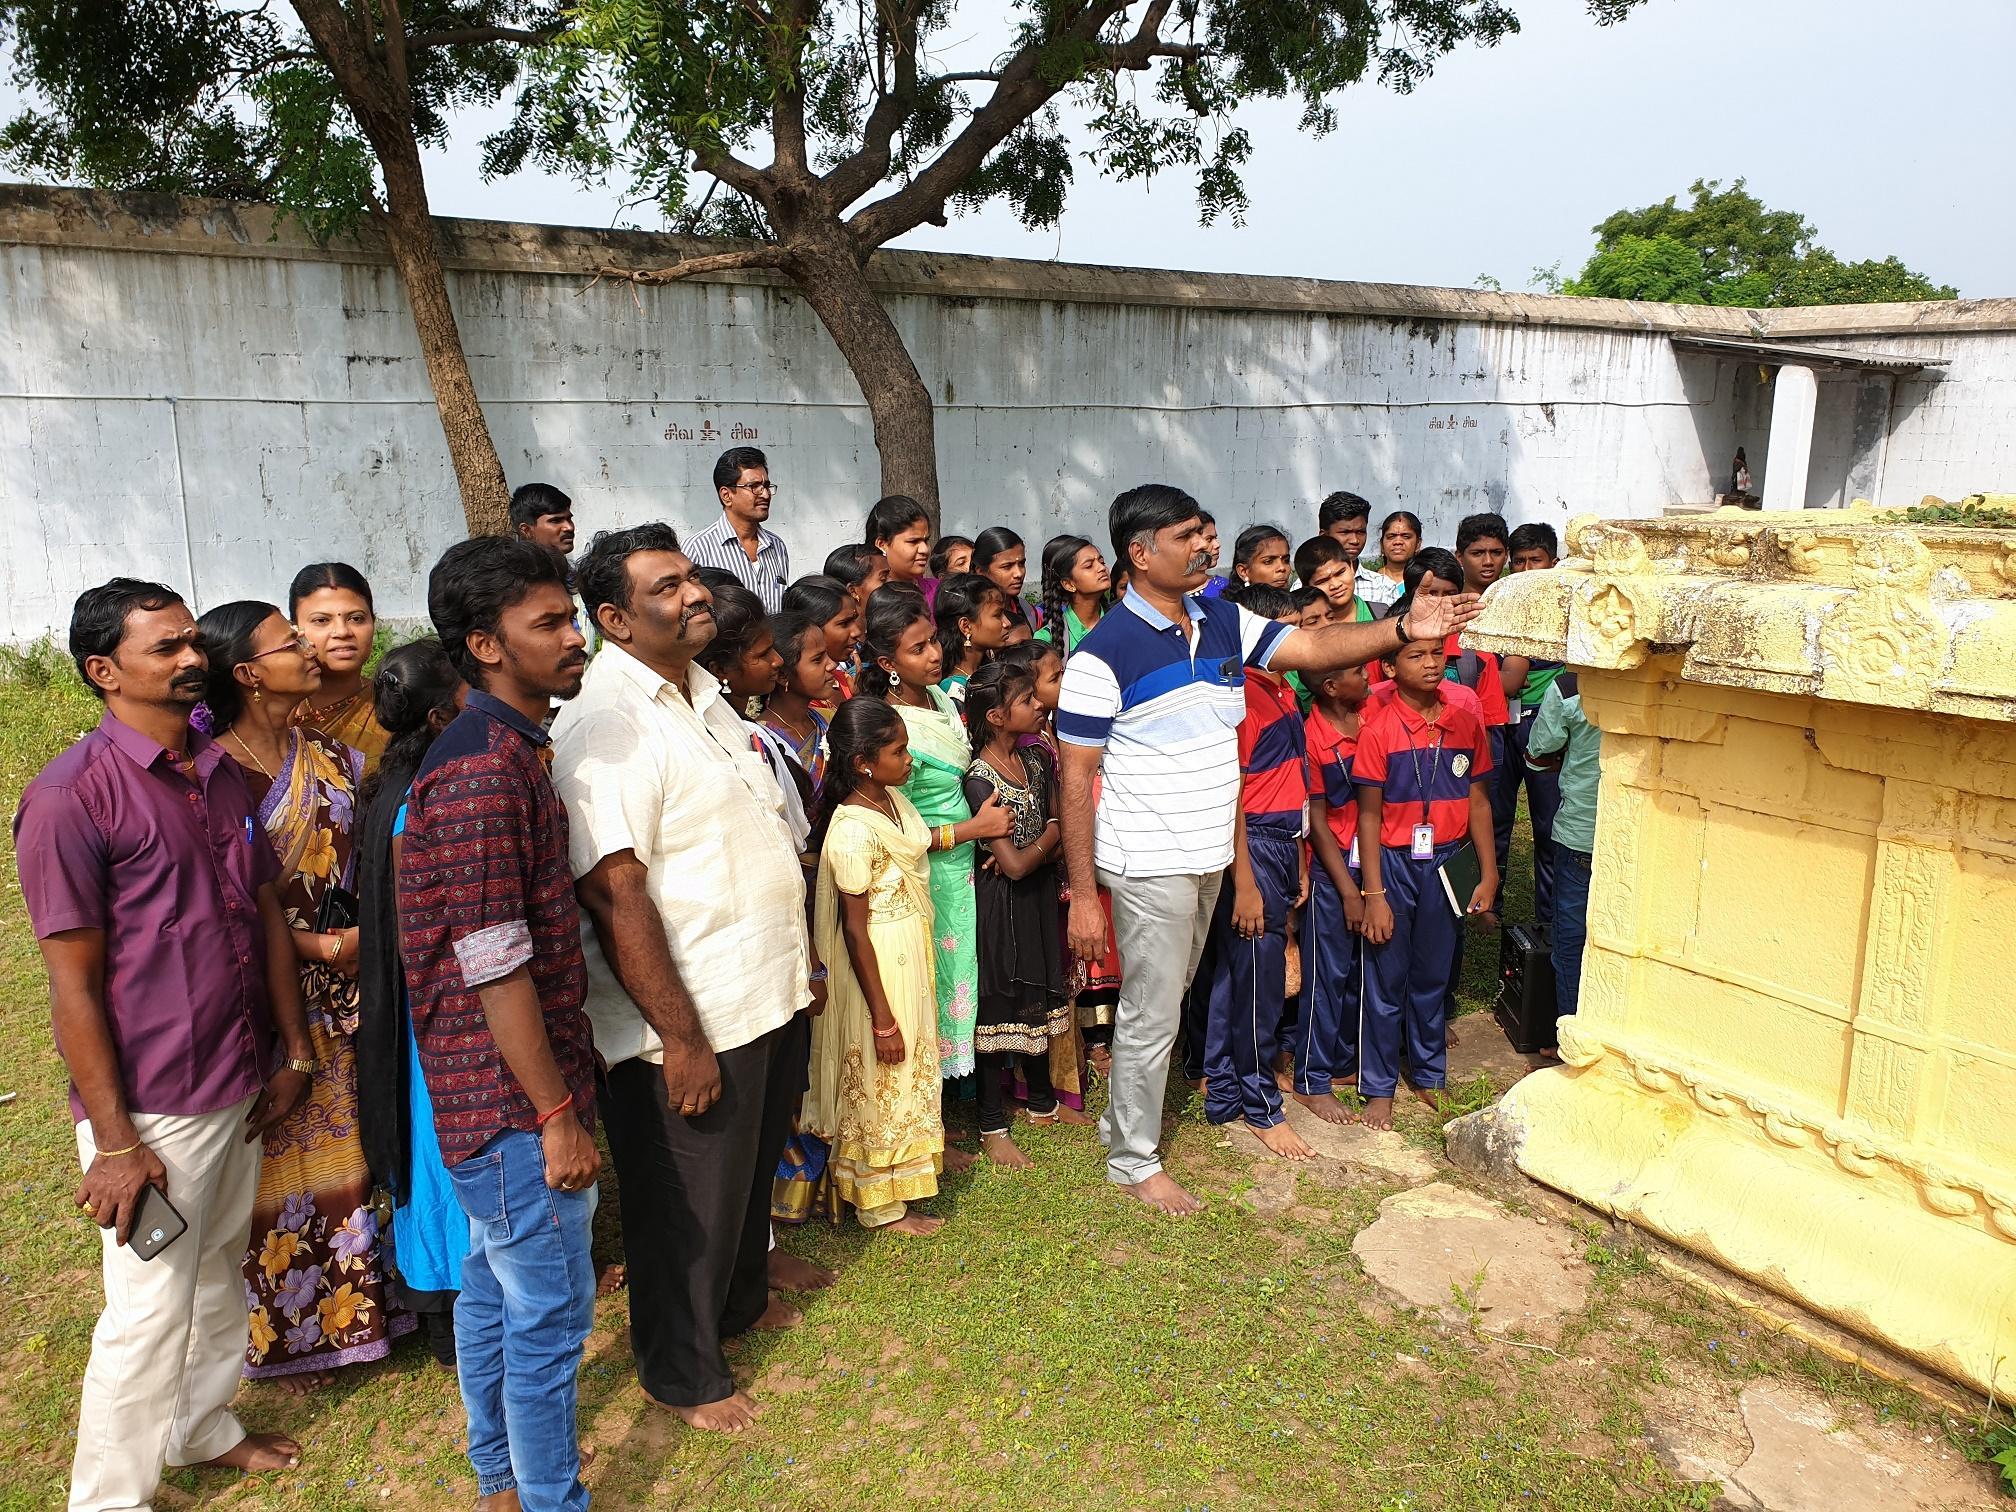 ராமநாதபுரம் தொல்லியல் ஆய்வு நிறுவனம் நடத்திய மரபு நடை.